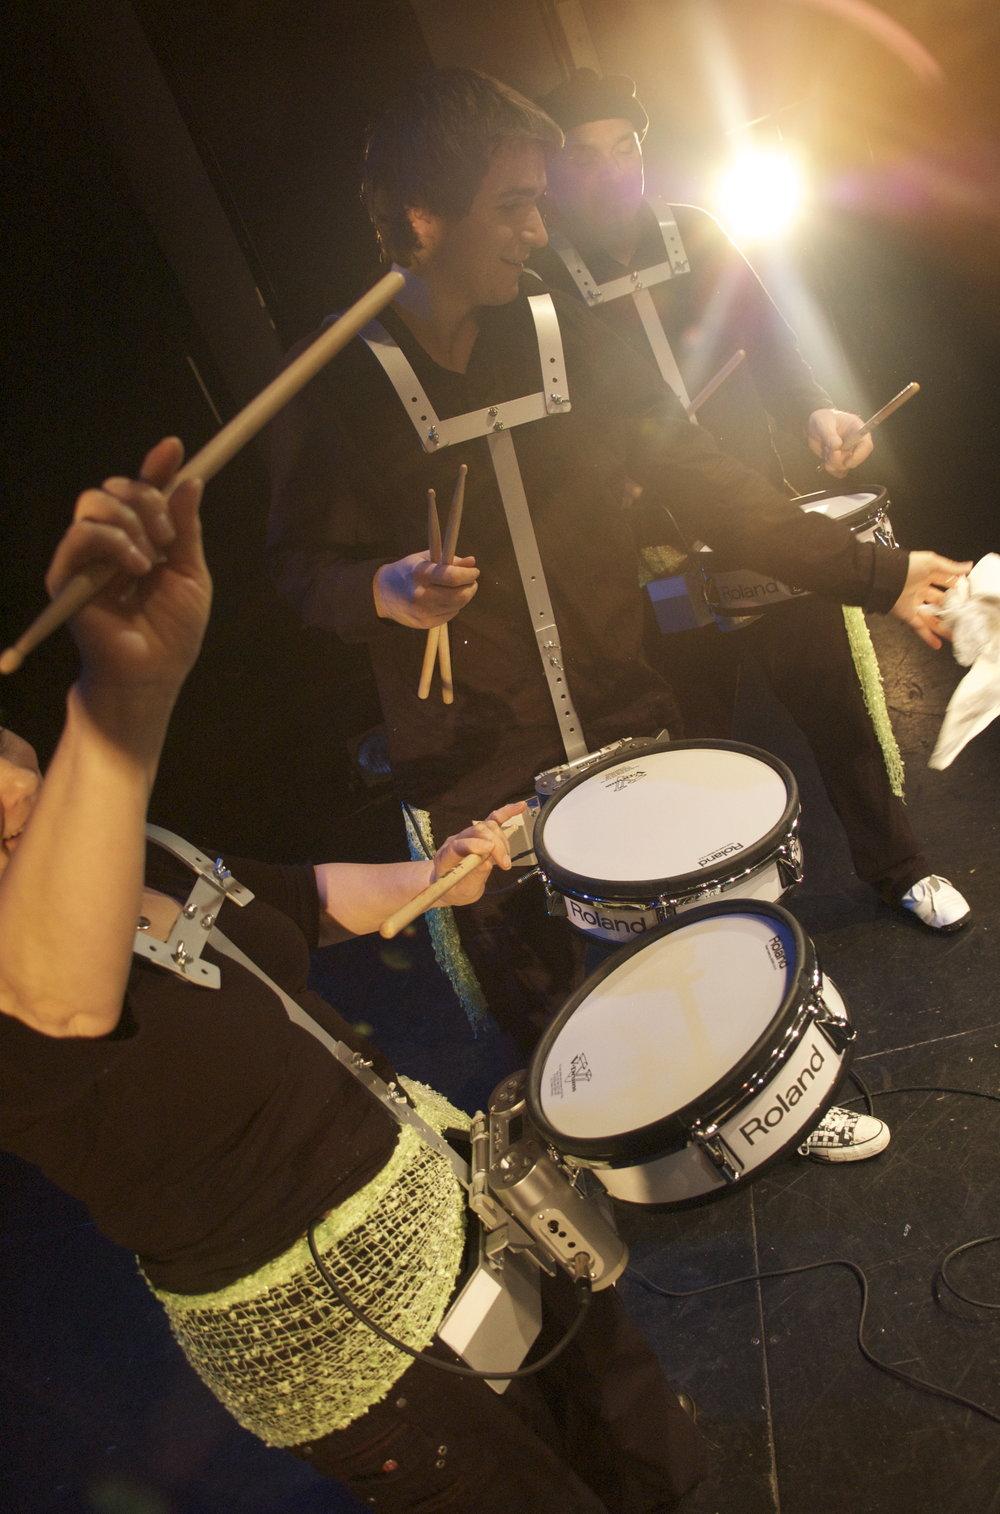 roland-v-drums-photo-shoot_5042202693_o.jpg